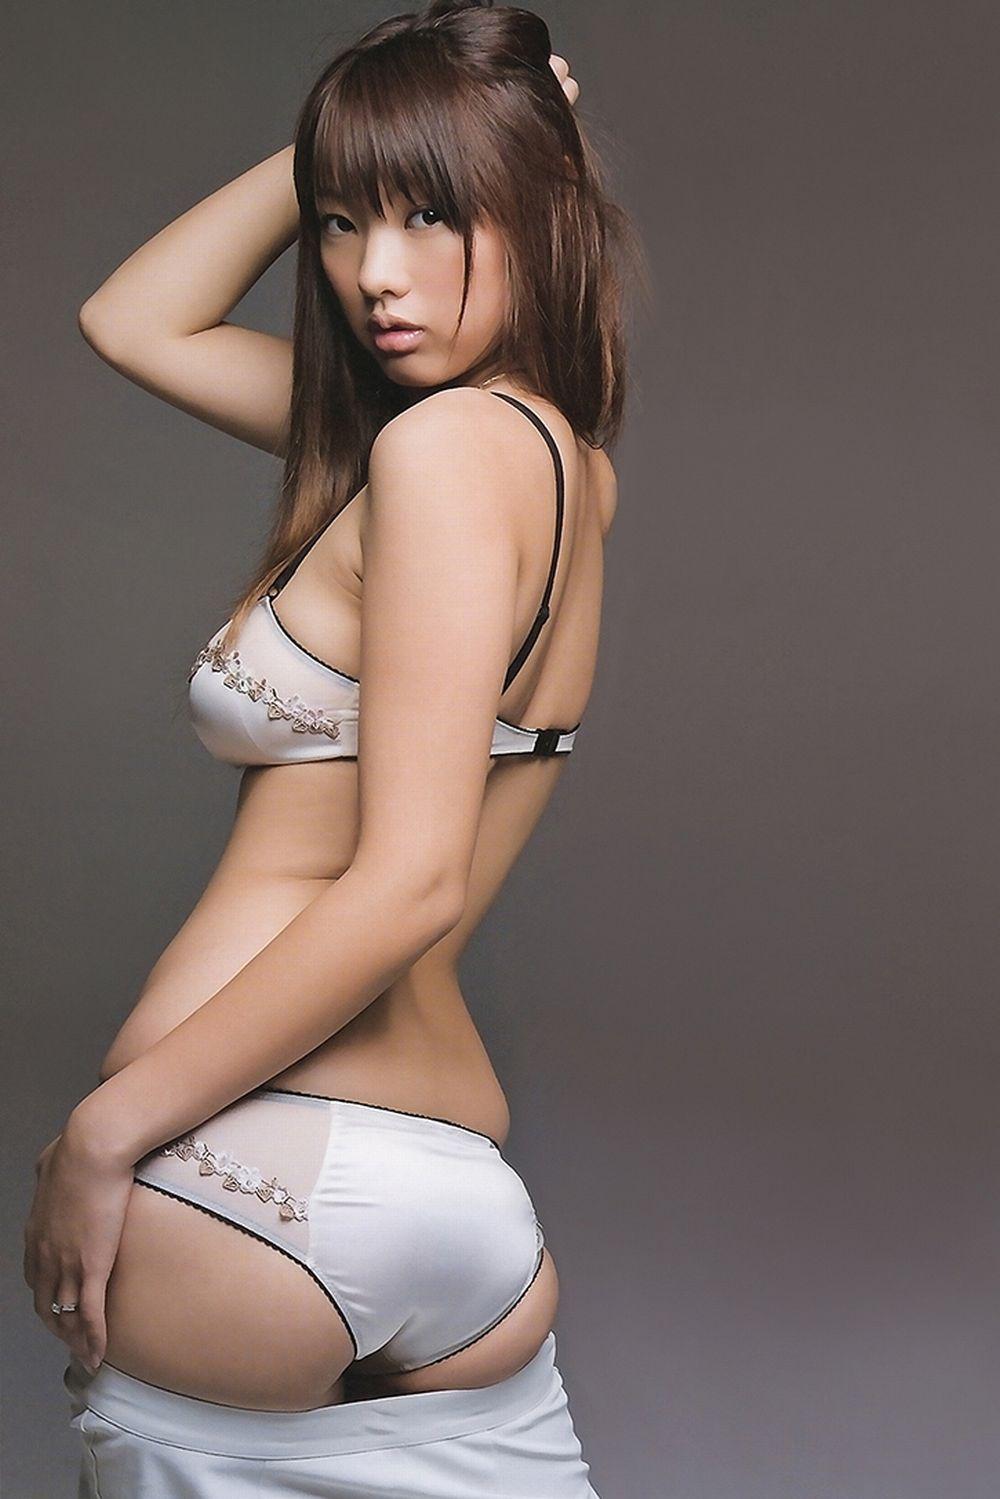 Asian white satin panty